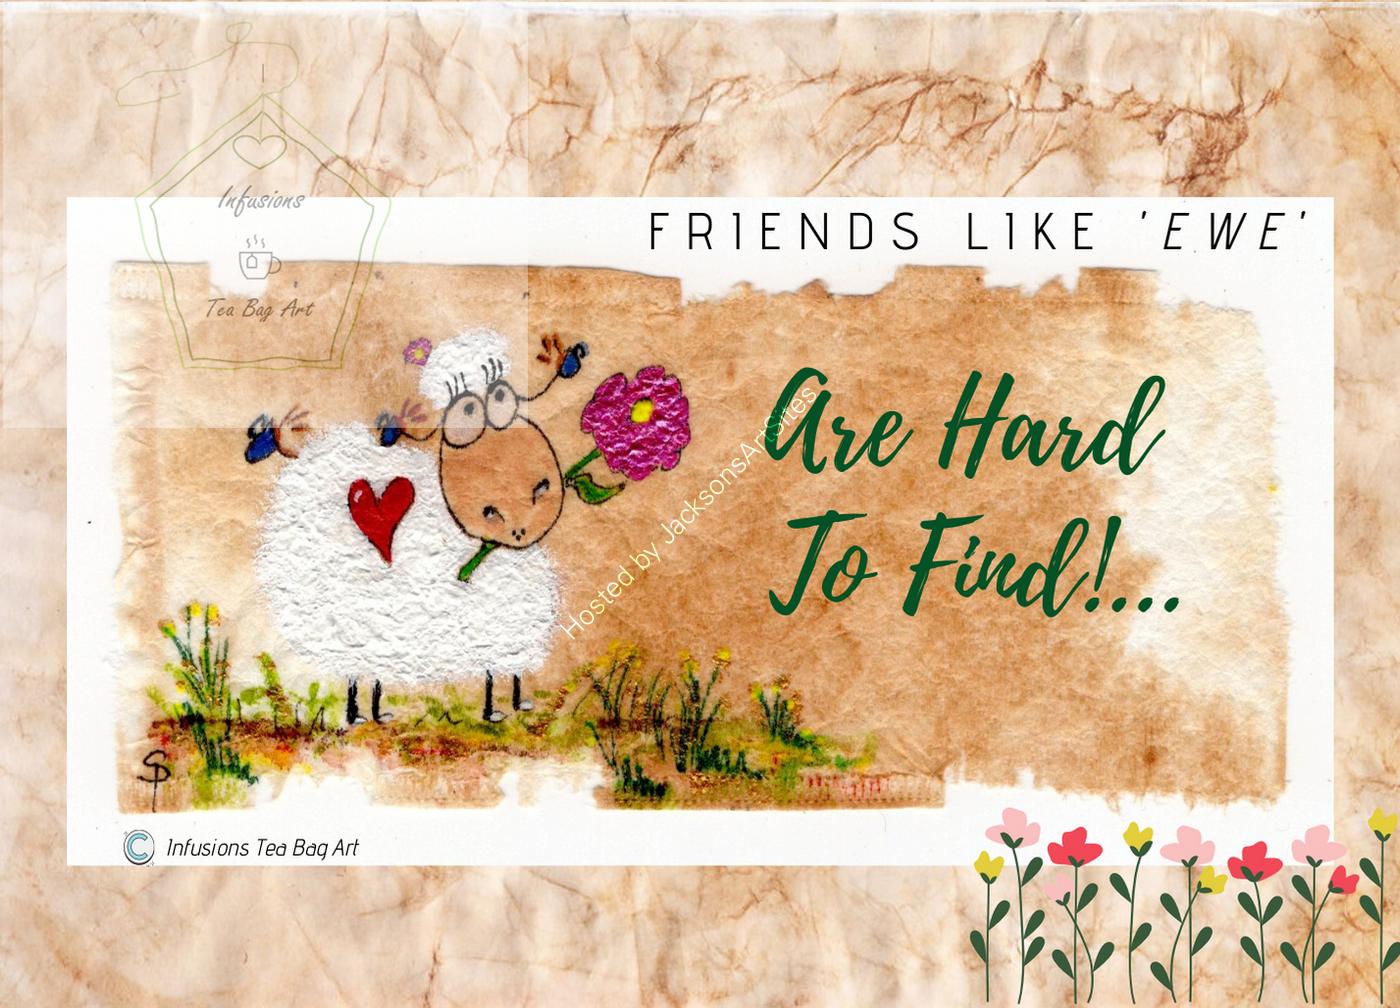 Friends Like Ewe - PNG  - Copy - Watermark